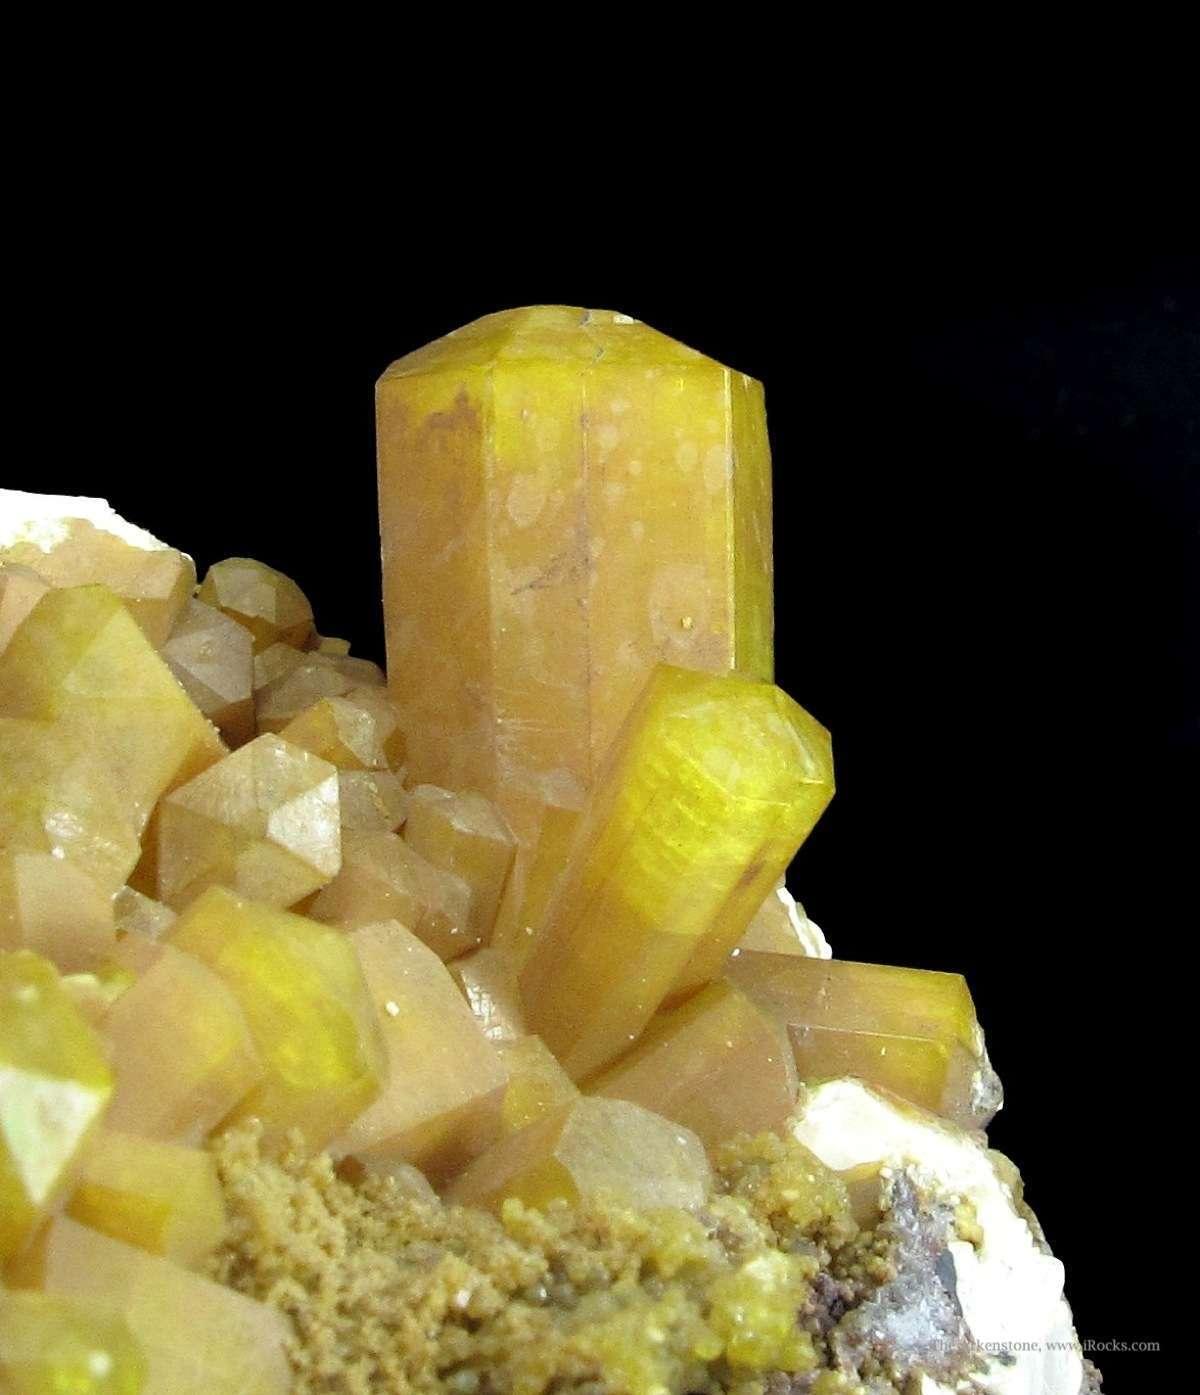 A distinctive Sturmanite specimen consisting dozen sharp hexagonal